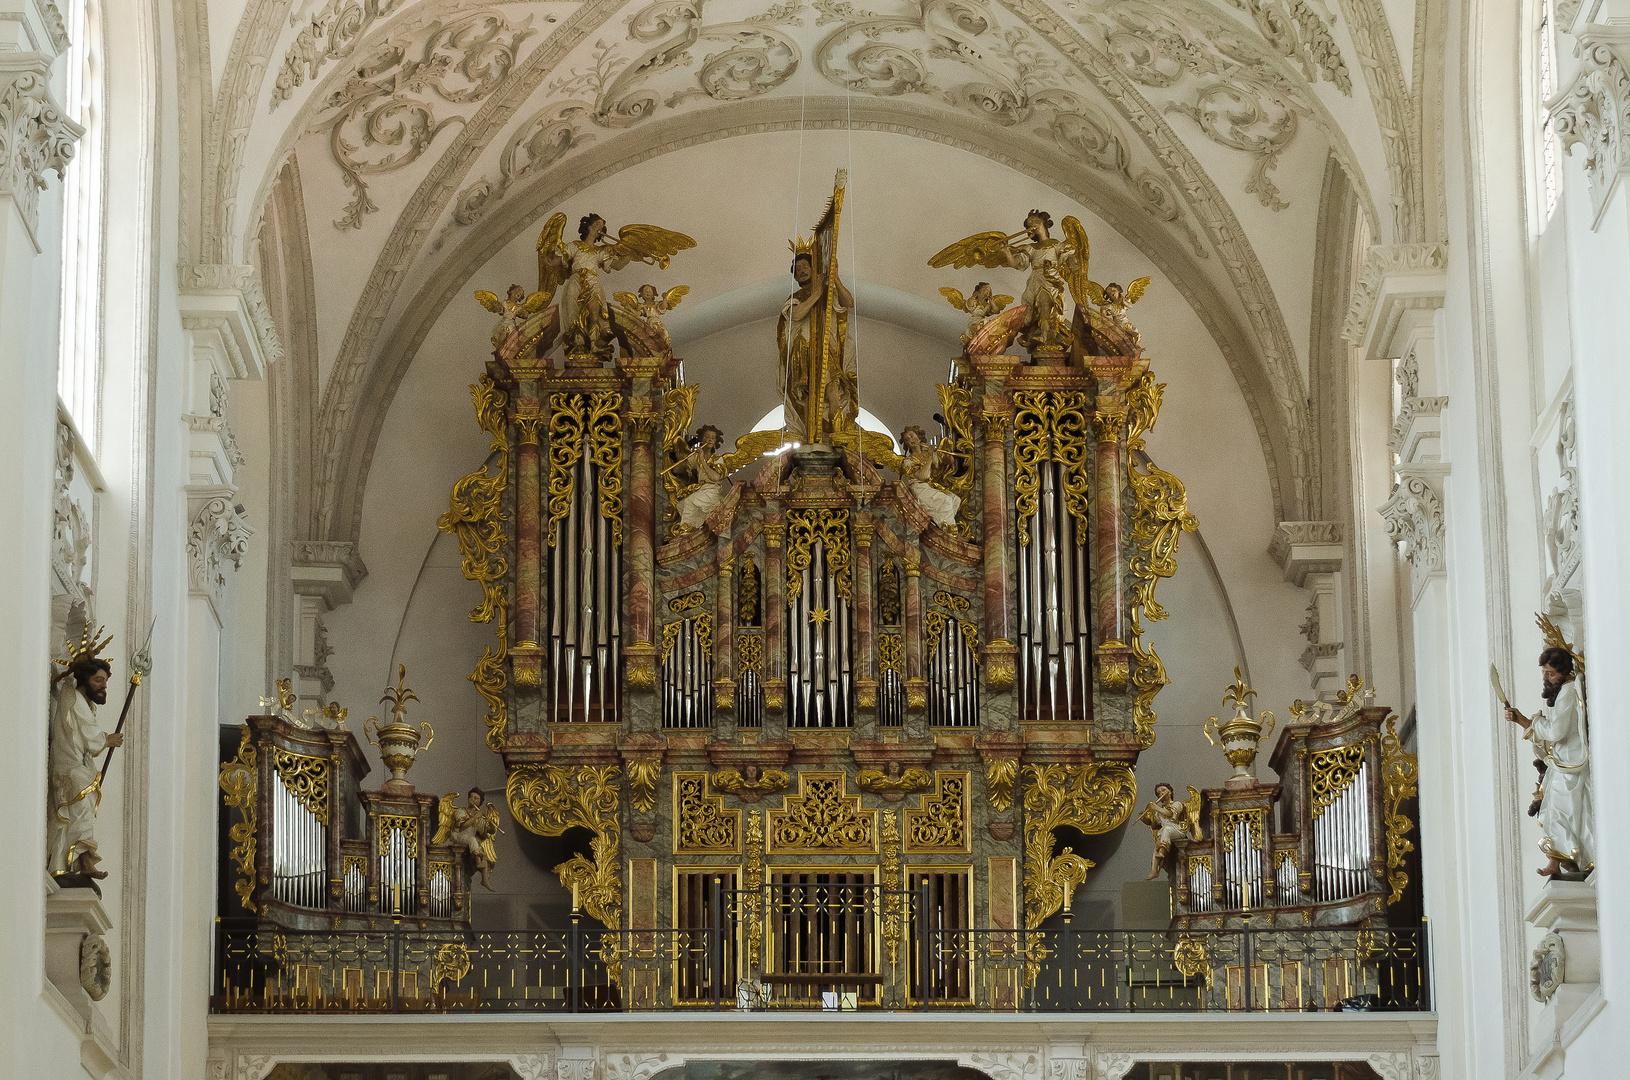 Orgel der Stadtpfarrkirche St. Mariä Himmelfahrt - Landsberg am Lech